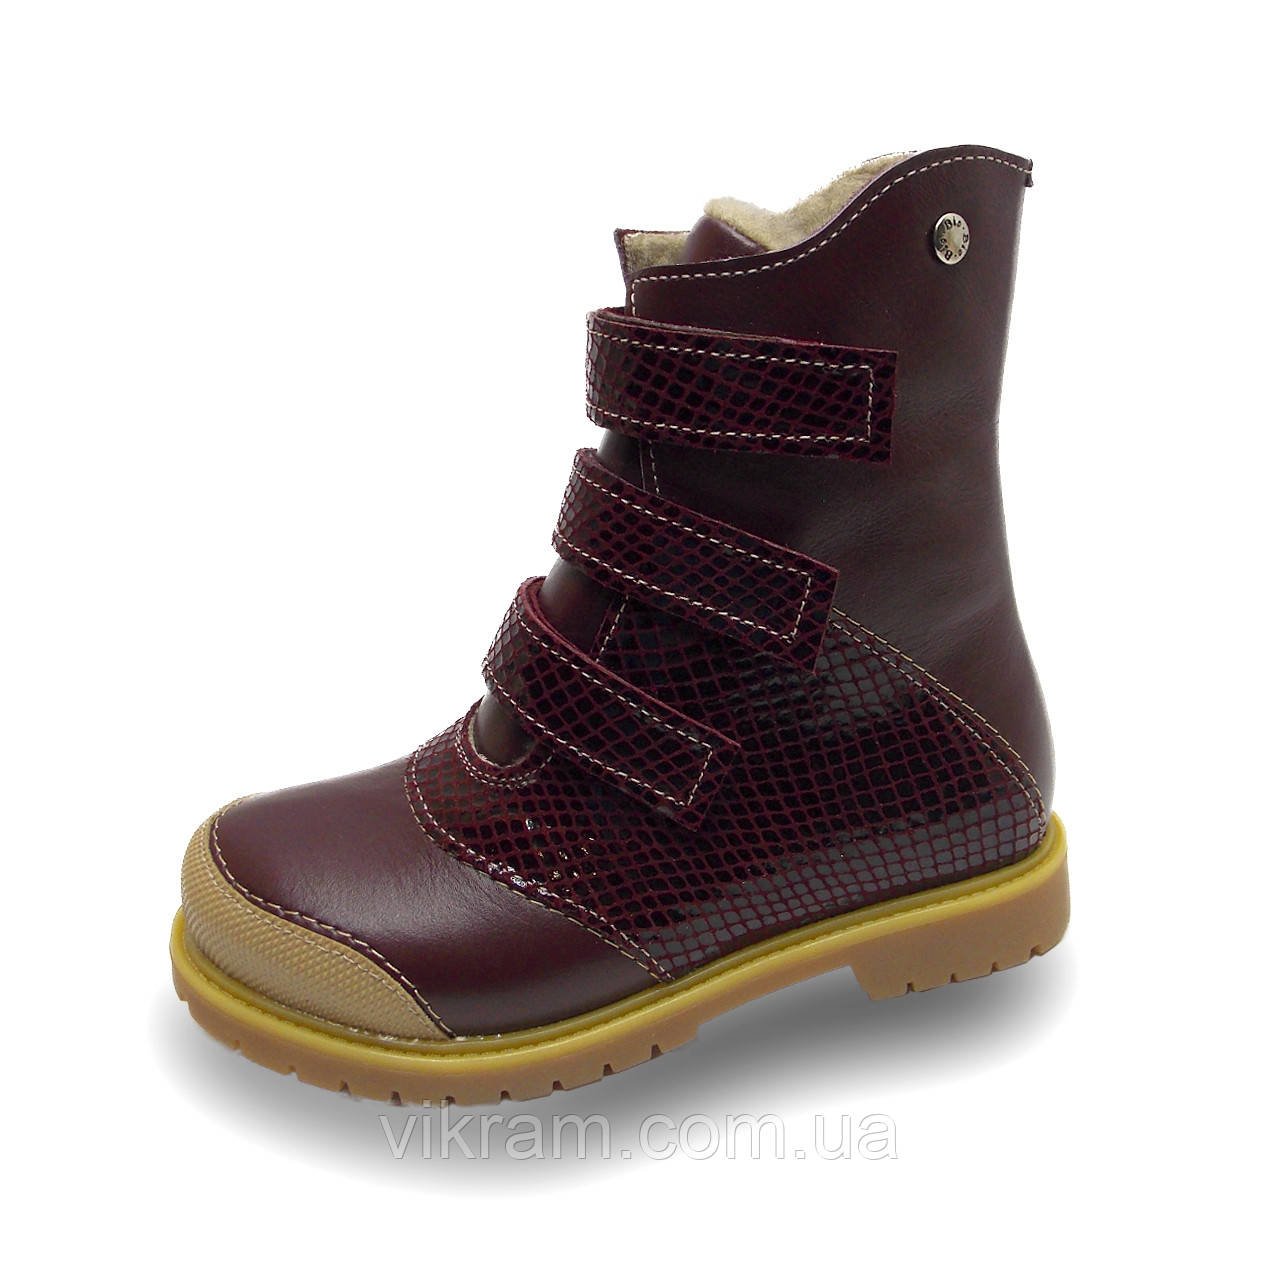 Зимние ортопедические ботинки с антиударным носиком ХАМЕР 2 бордовые